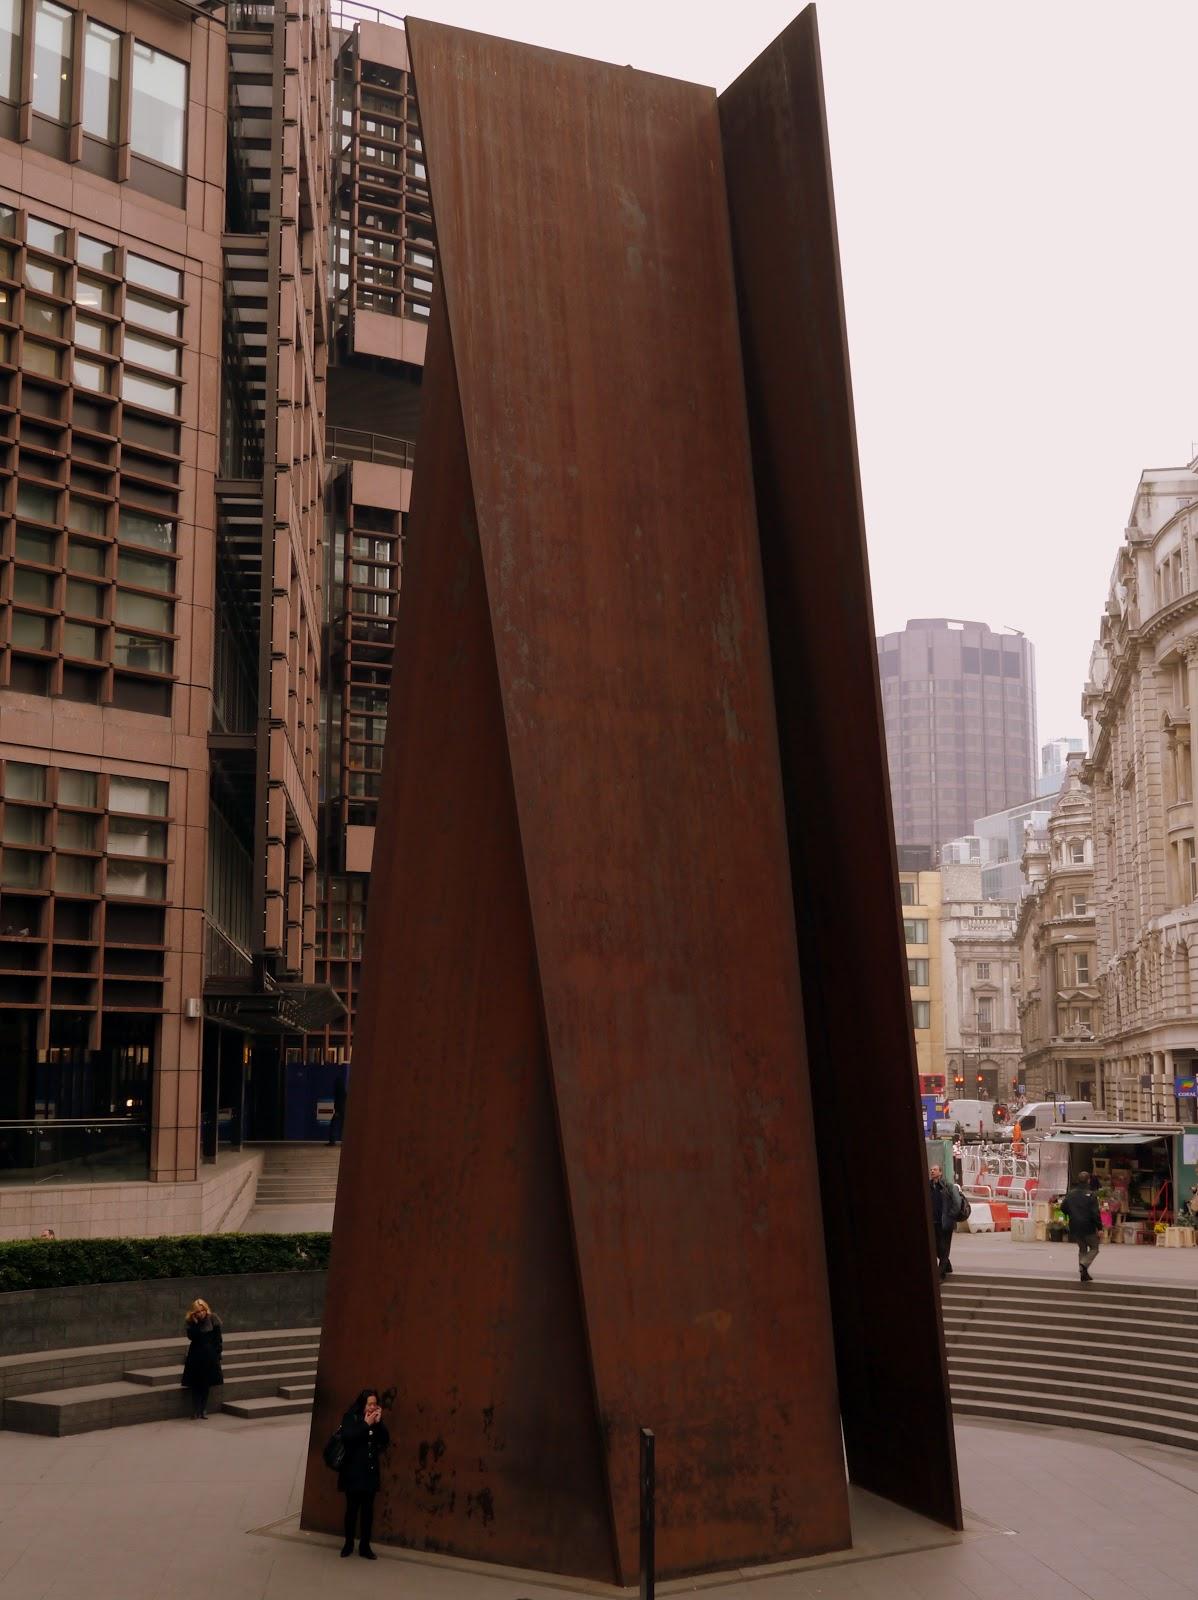 sculpture of fulcrum essay